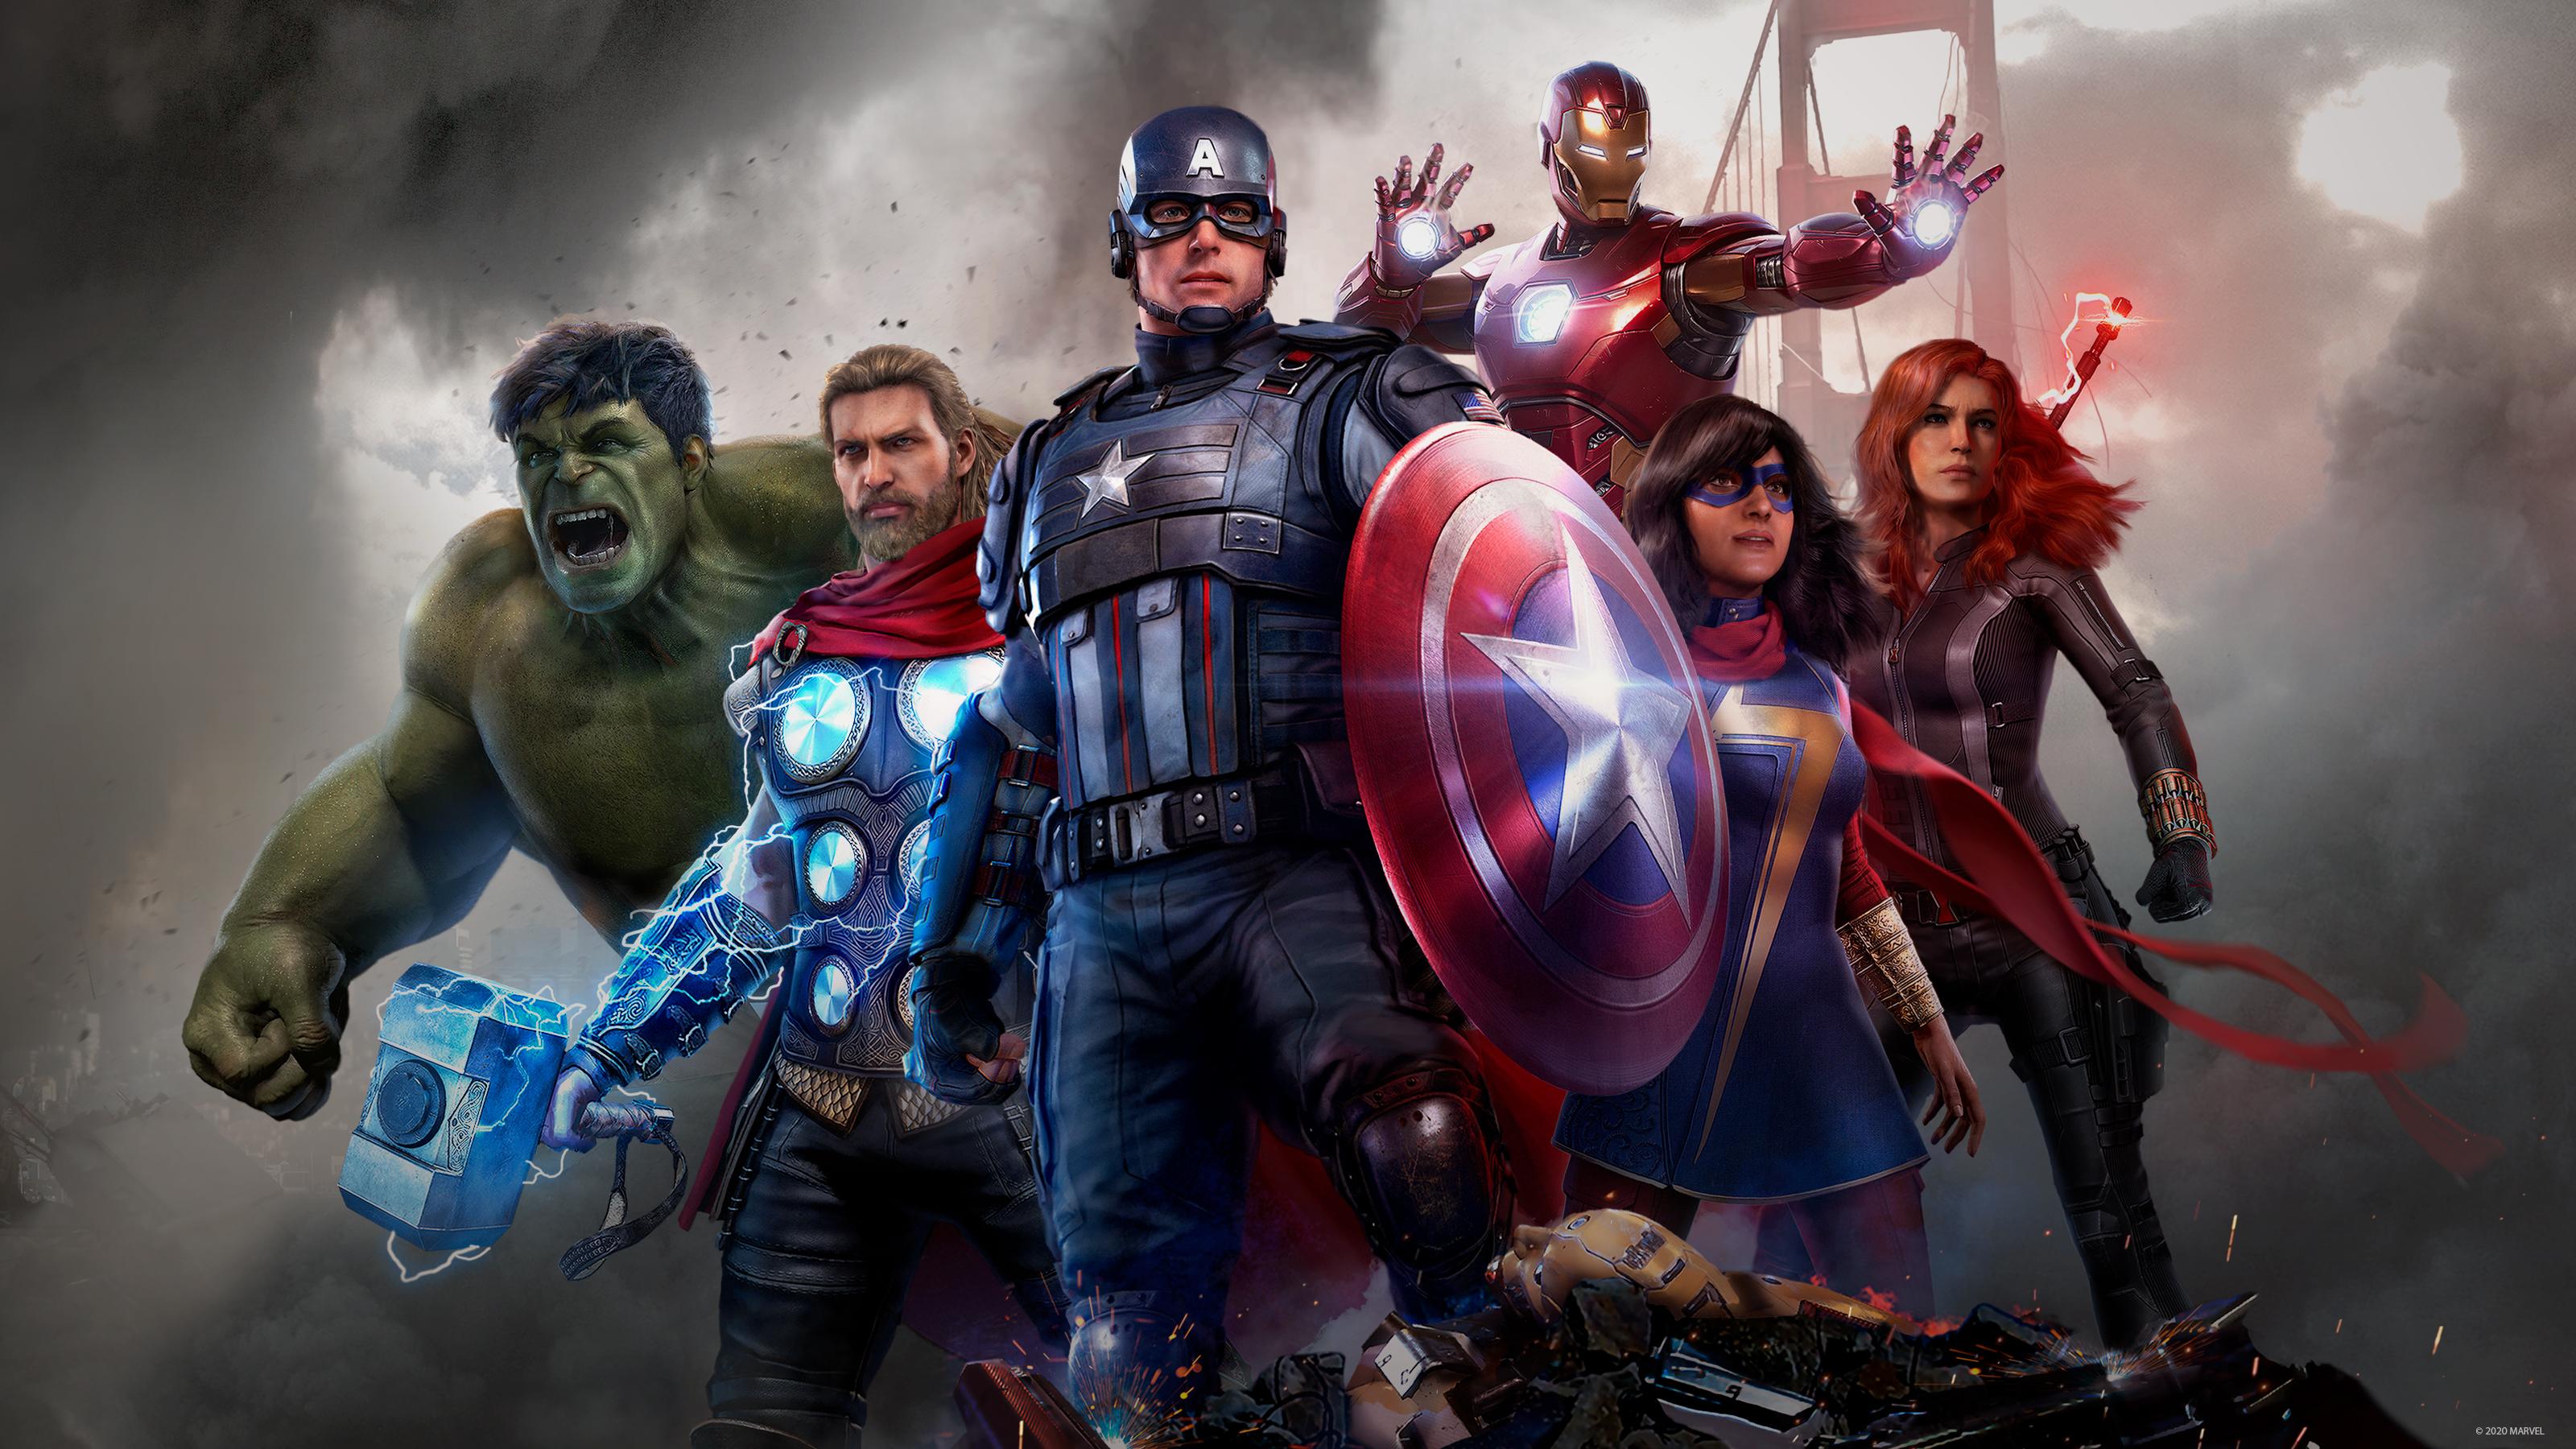 Слух: у PS4-версии Marvel's Avengers будет эксклюзивный играбельный персонаж